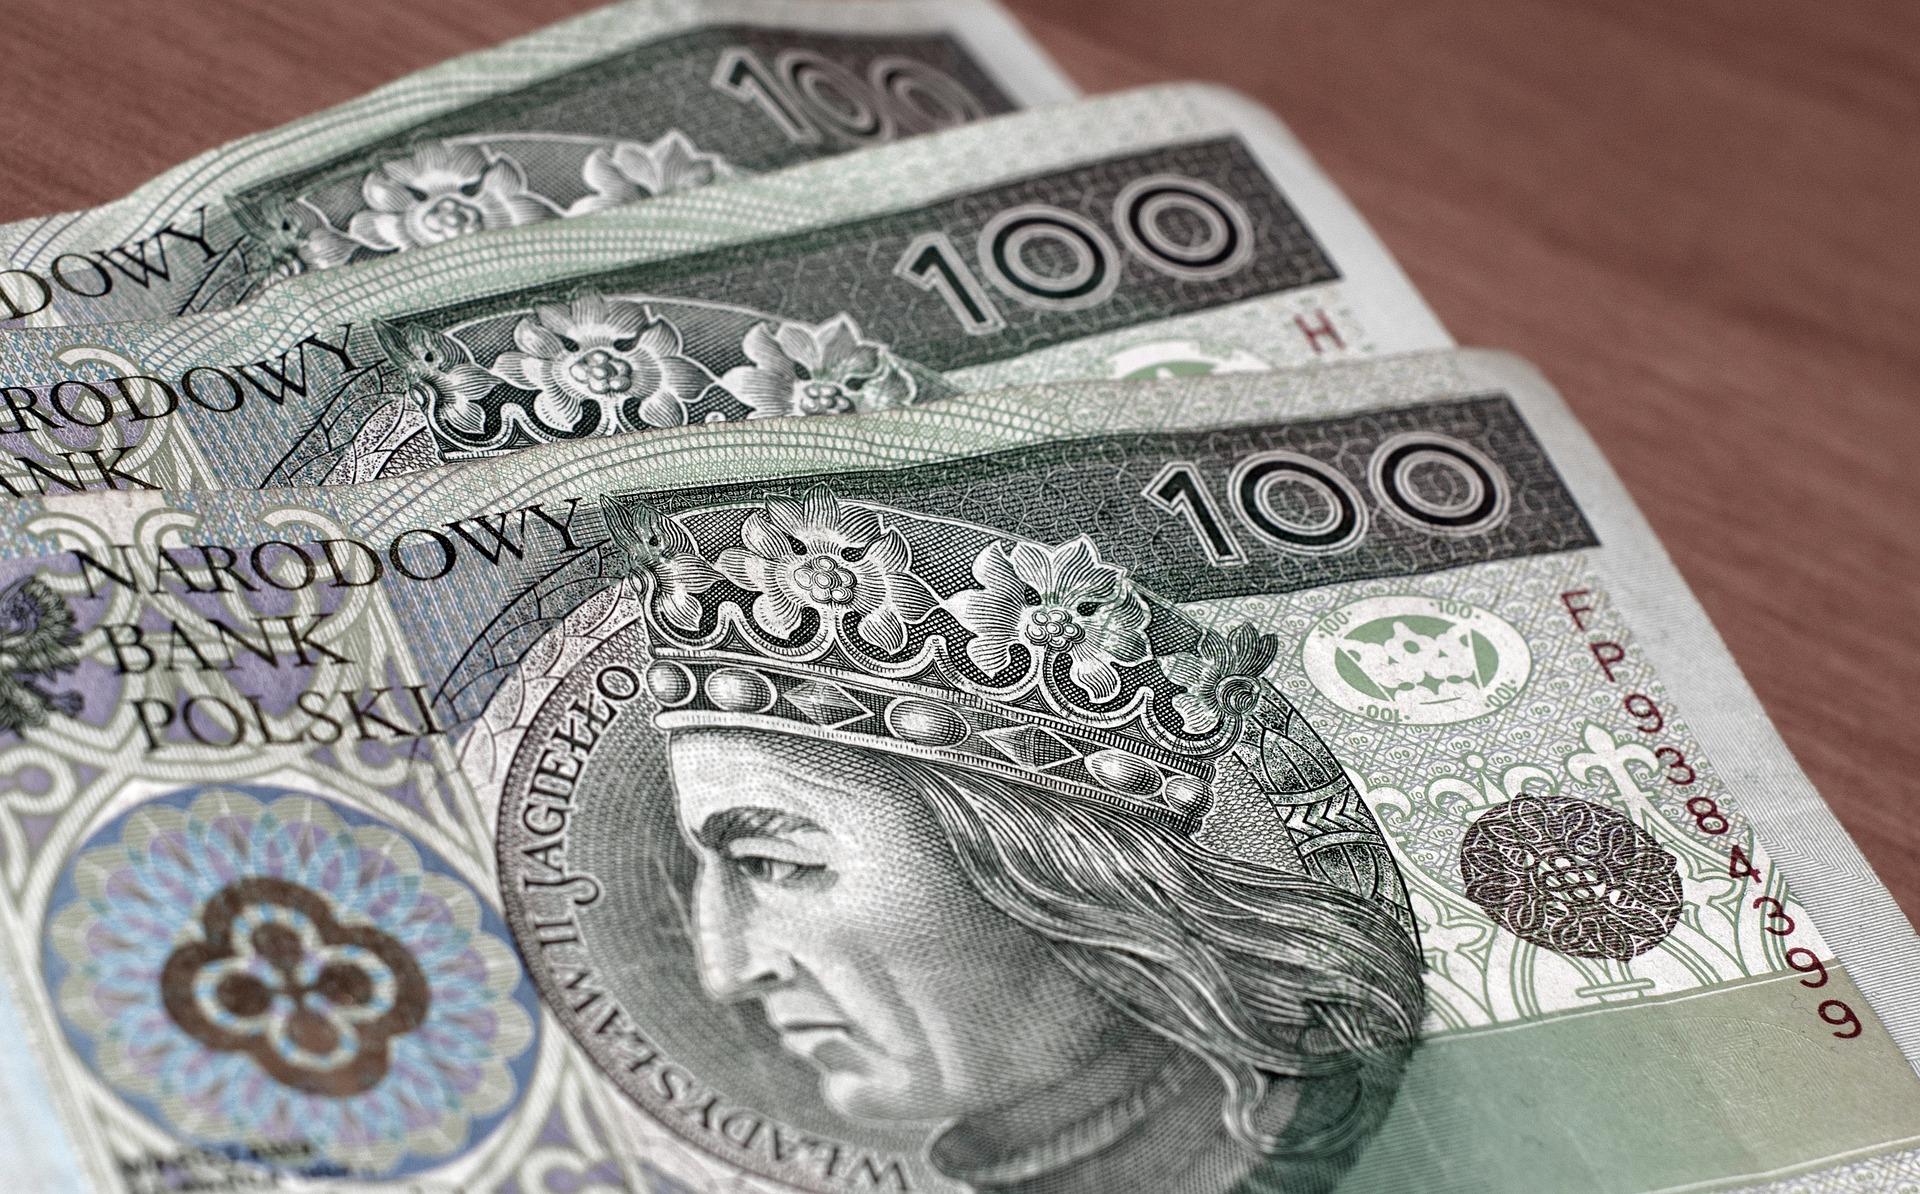 Za dobry pomysł są pieniądze. Sprawdź, w co warto się zaangażować - Zdjęcie główne